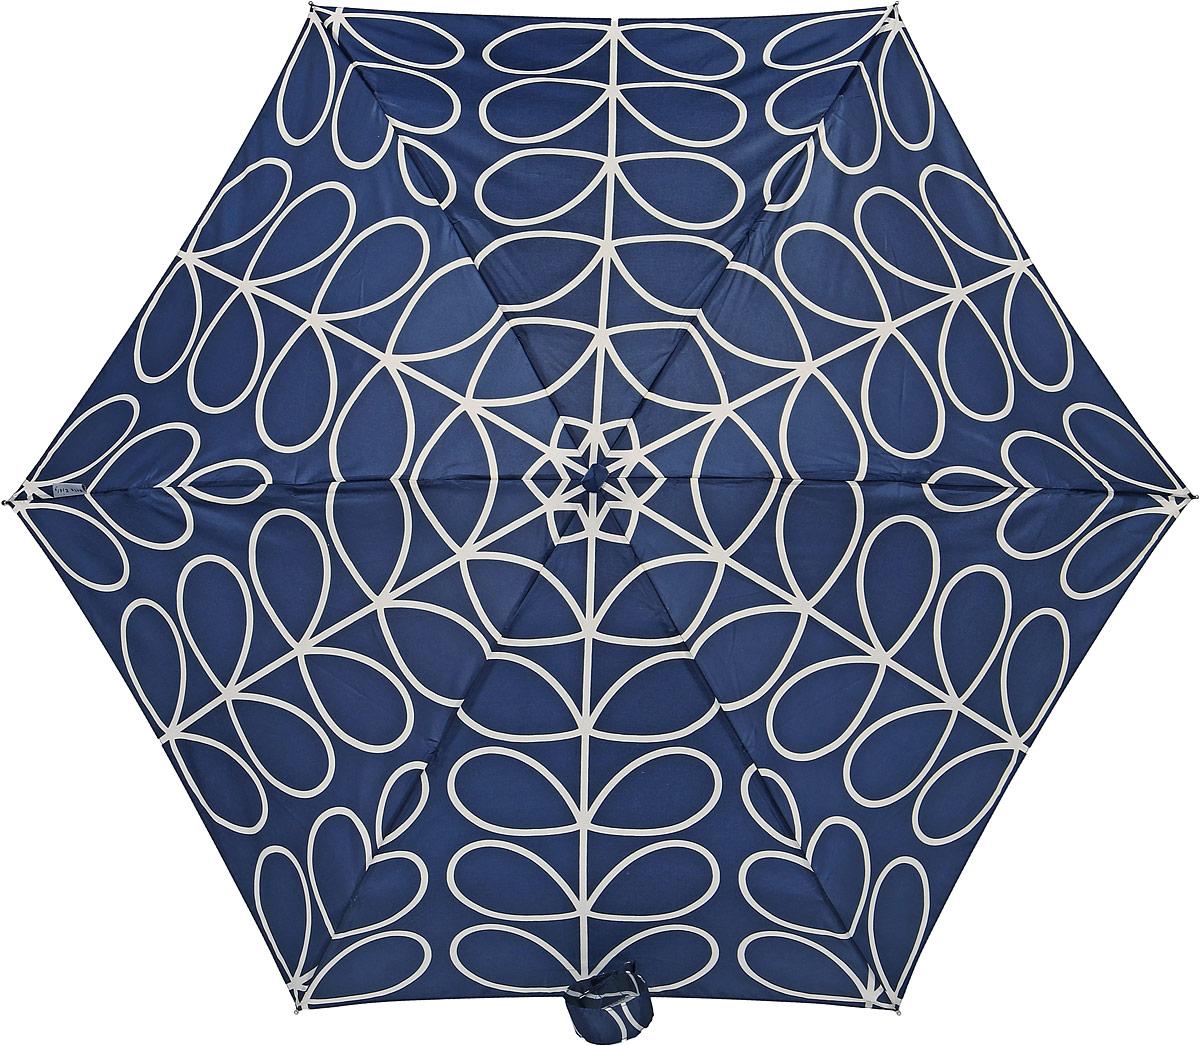 Зонт женский Orla Kiely Tiny, механический, 5 сложений, цвет: темно-синий, бежевый. L744-277845100948B/32793/5900NСтильный механический зонт Orla Kiely Tiny в 5 сложений даже в ненастную погоду позволит вам оставаться элегантной. Облегченный каркас зонта выполнен из 6 спиц из фибергласса и алюминия, стержень также изготовлен из алюминия, удобная рукоятка - из дерева. Купол зонта выполнен из прочного полиэстера. В закрытом виде застегивается хлястиком на липучке. Яркий оригинальный рисунок в виде оригинальных листьев поднимет настроение в дождливый день.Зонт механического сложения: купол открывается и закрывается вручную до характерного щелчка.На рукоятке для удобства есть небольшой шнурок, позволяющий надеть зонт на руку тогда, когда это будет необходимо. К зонту прилагается чехол, который оформлен нашивкой с названием бренда. Такой зонт компактно располагается в кармане, сумочке, дверке автомобиля.